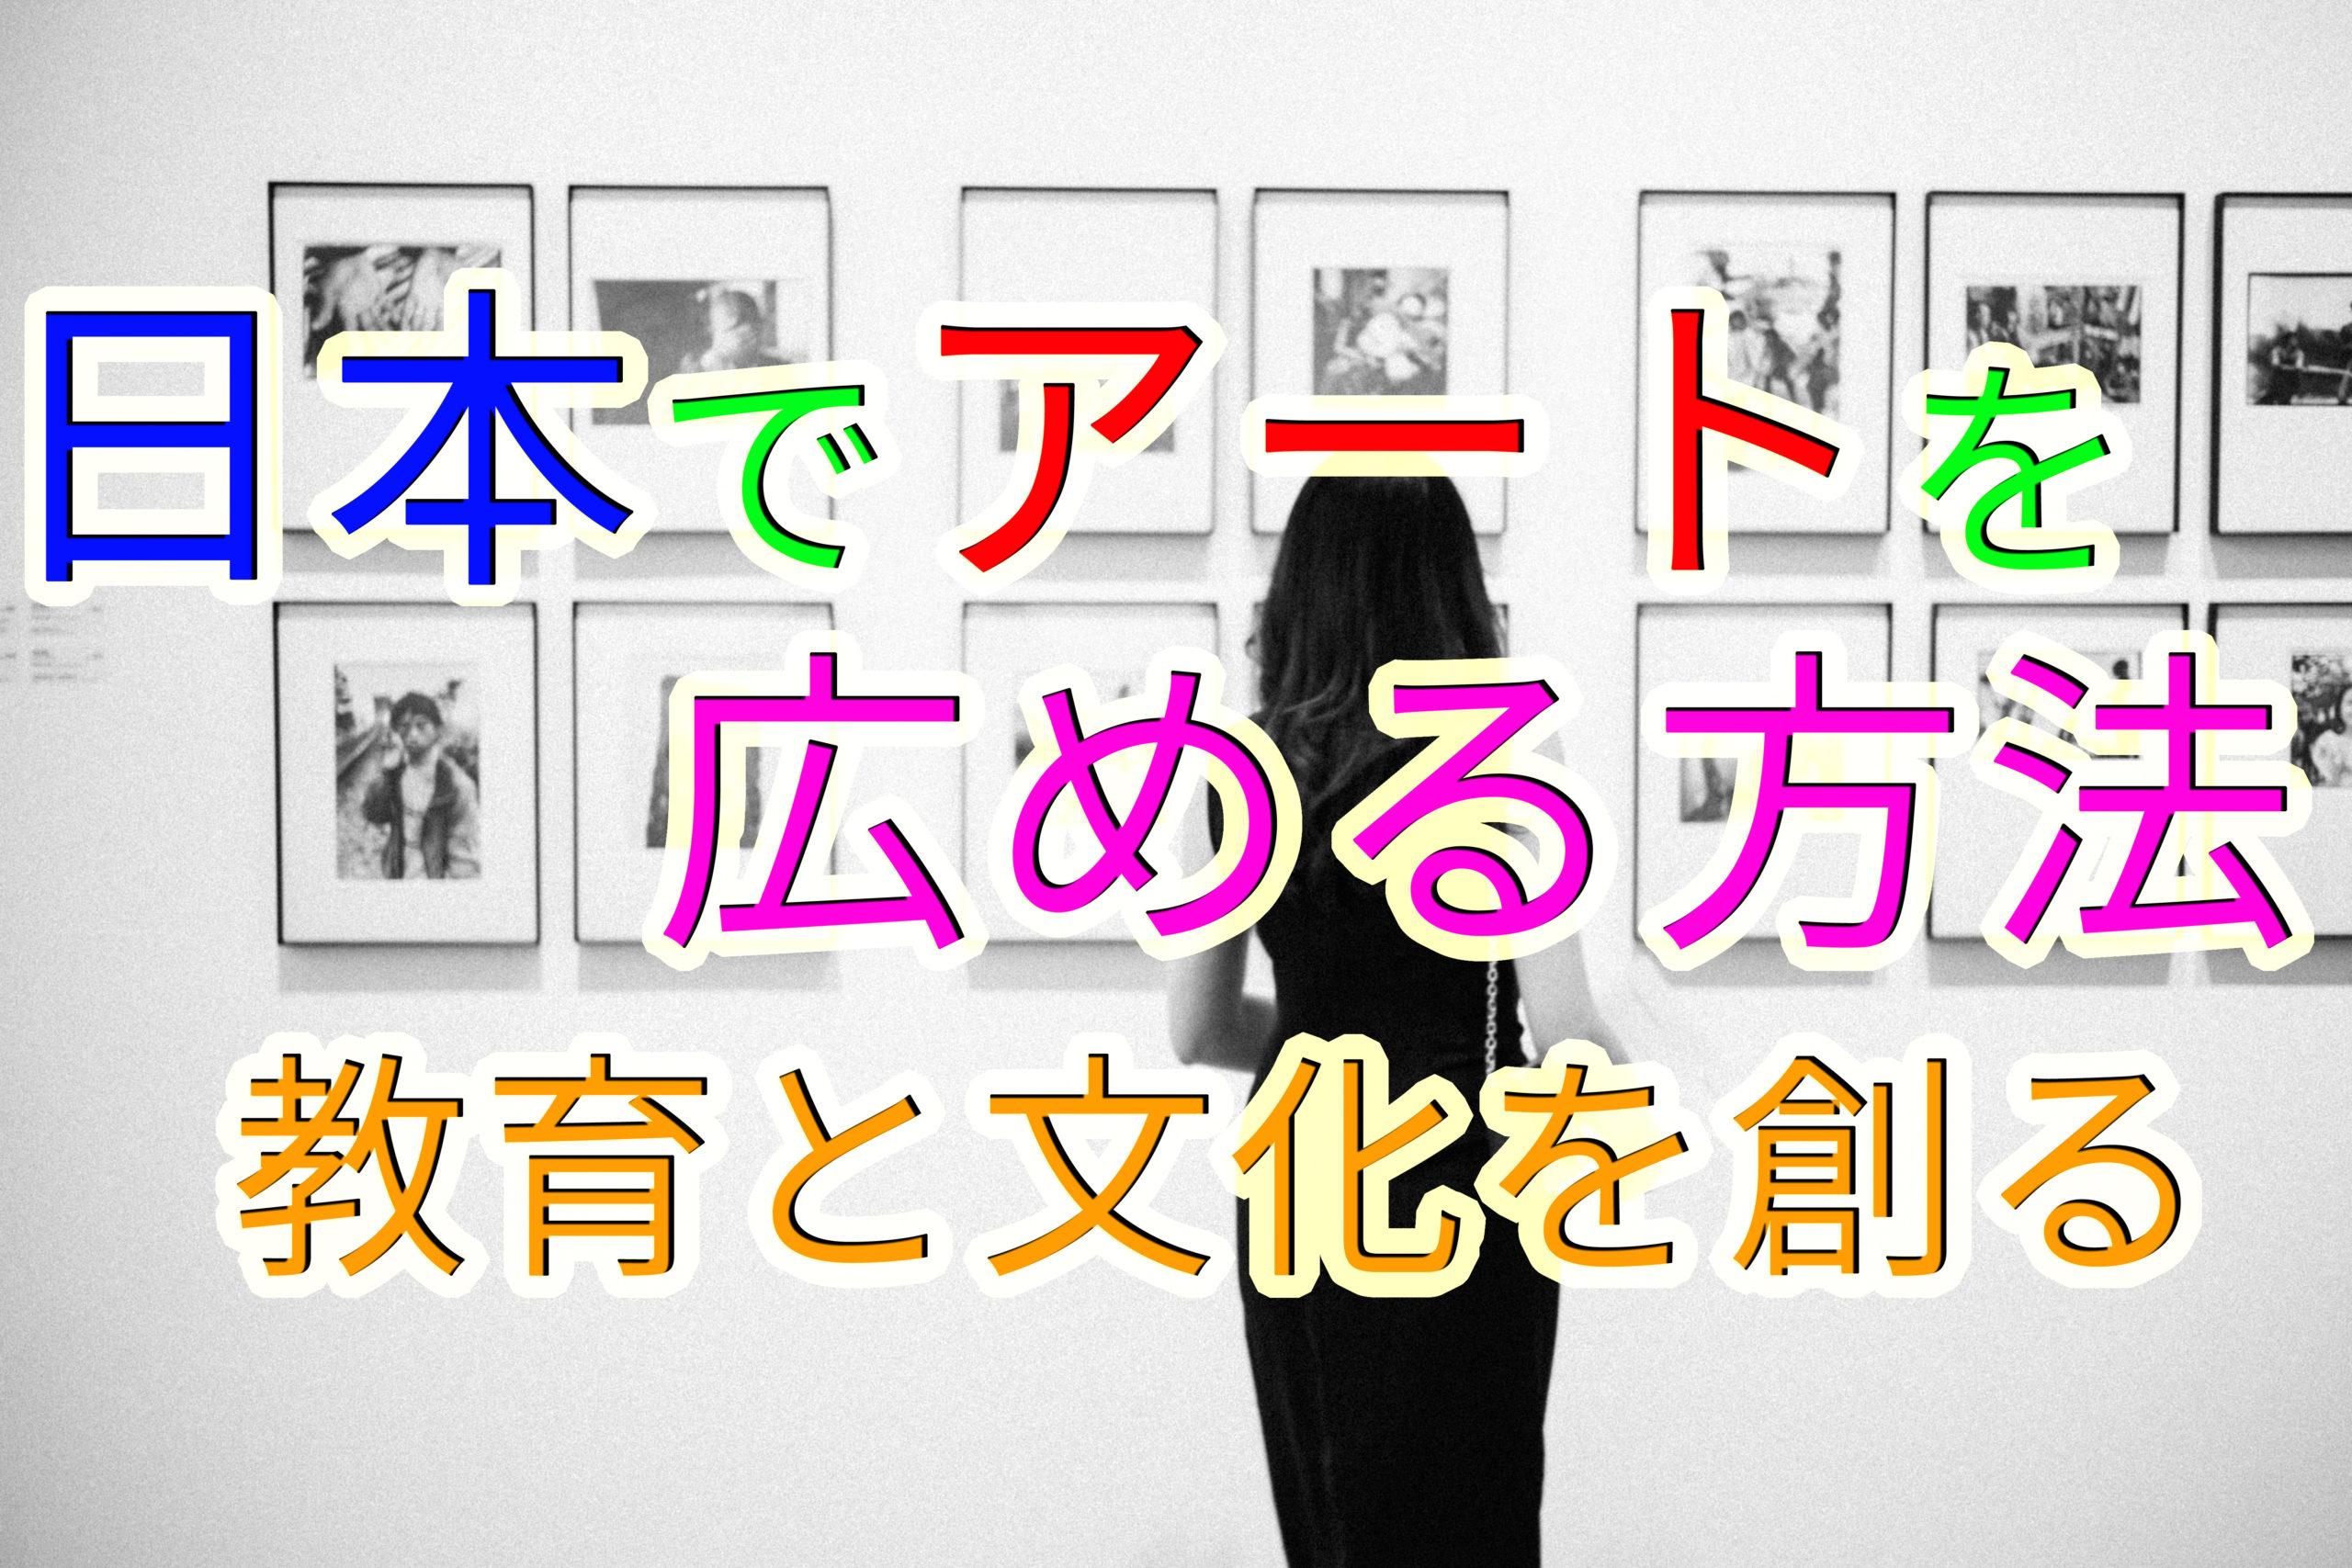 日本でアートを広める方法について考察【教育と文化を創ることが課題】